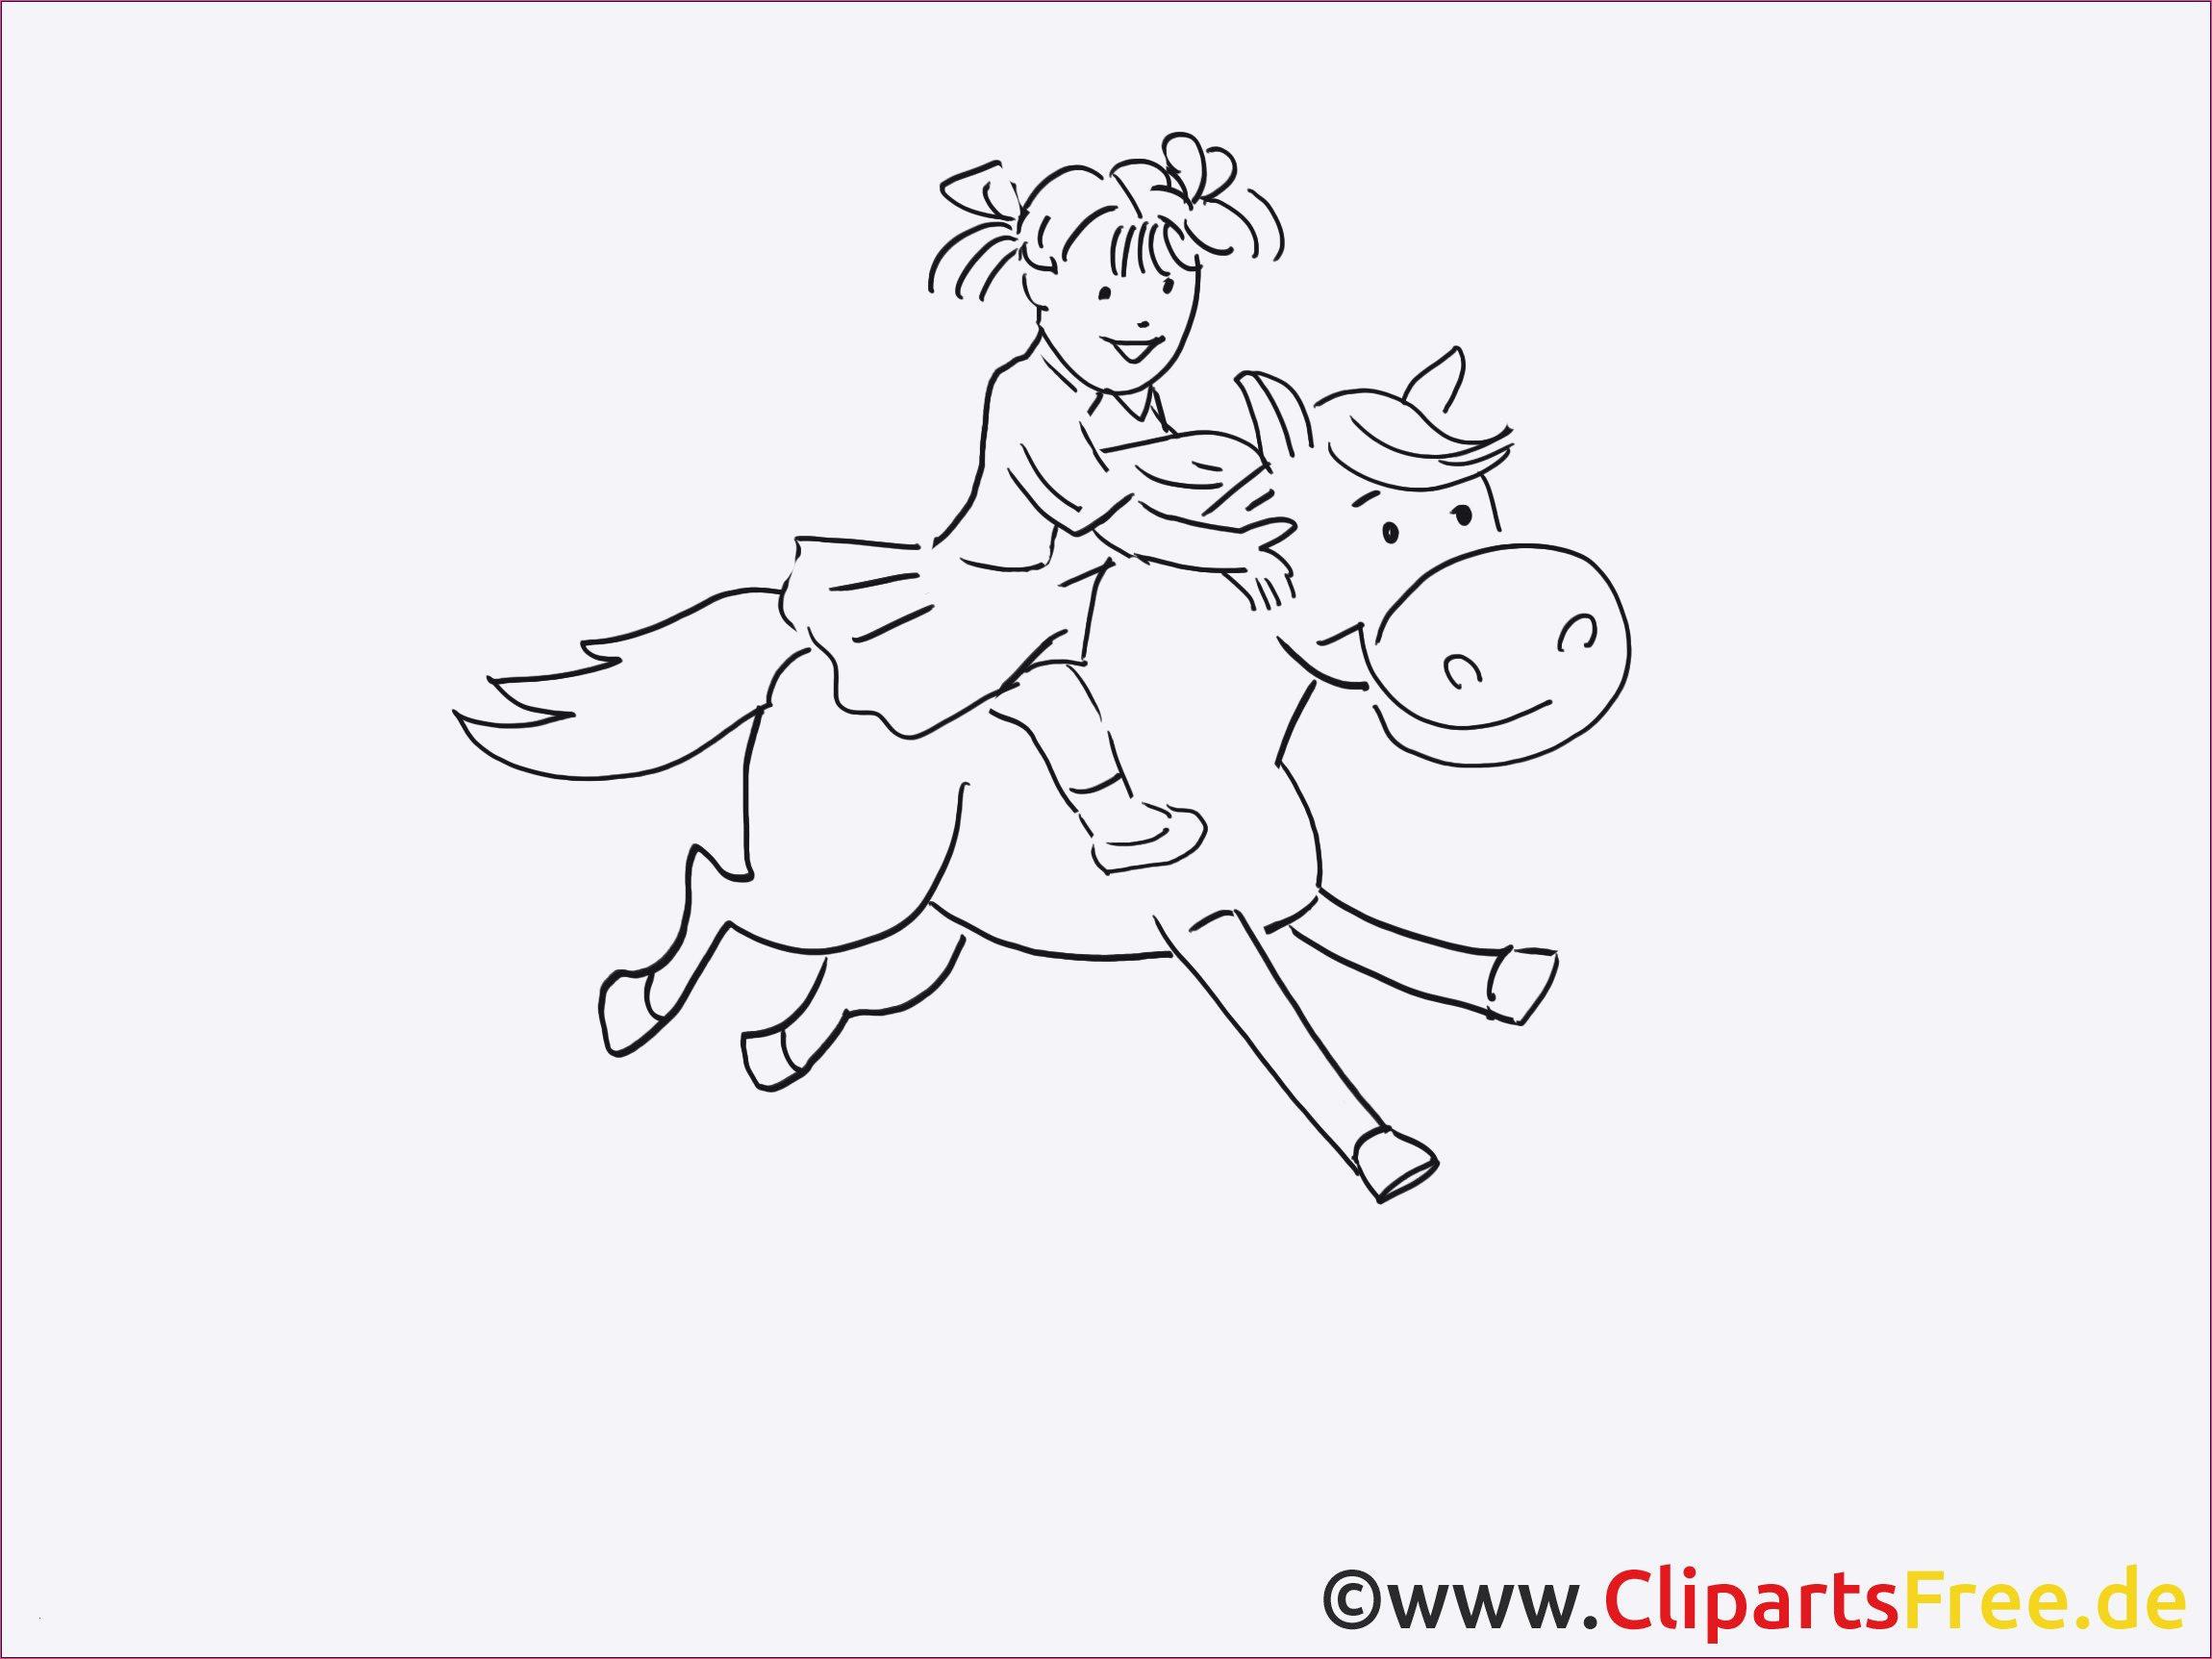 Ausmalbilder Pferde Mit Madchen Einzigartig Ausmalbilder Autos